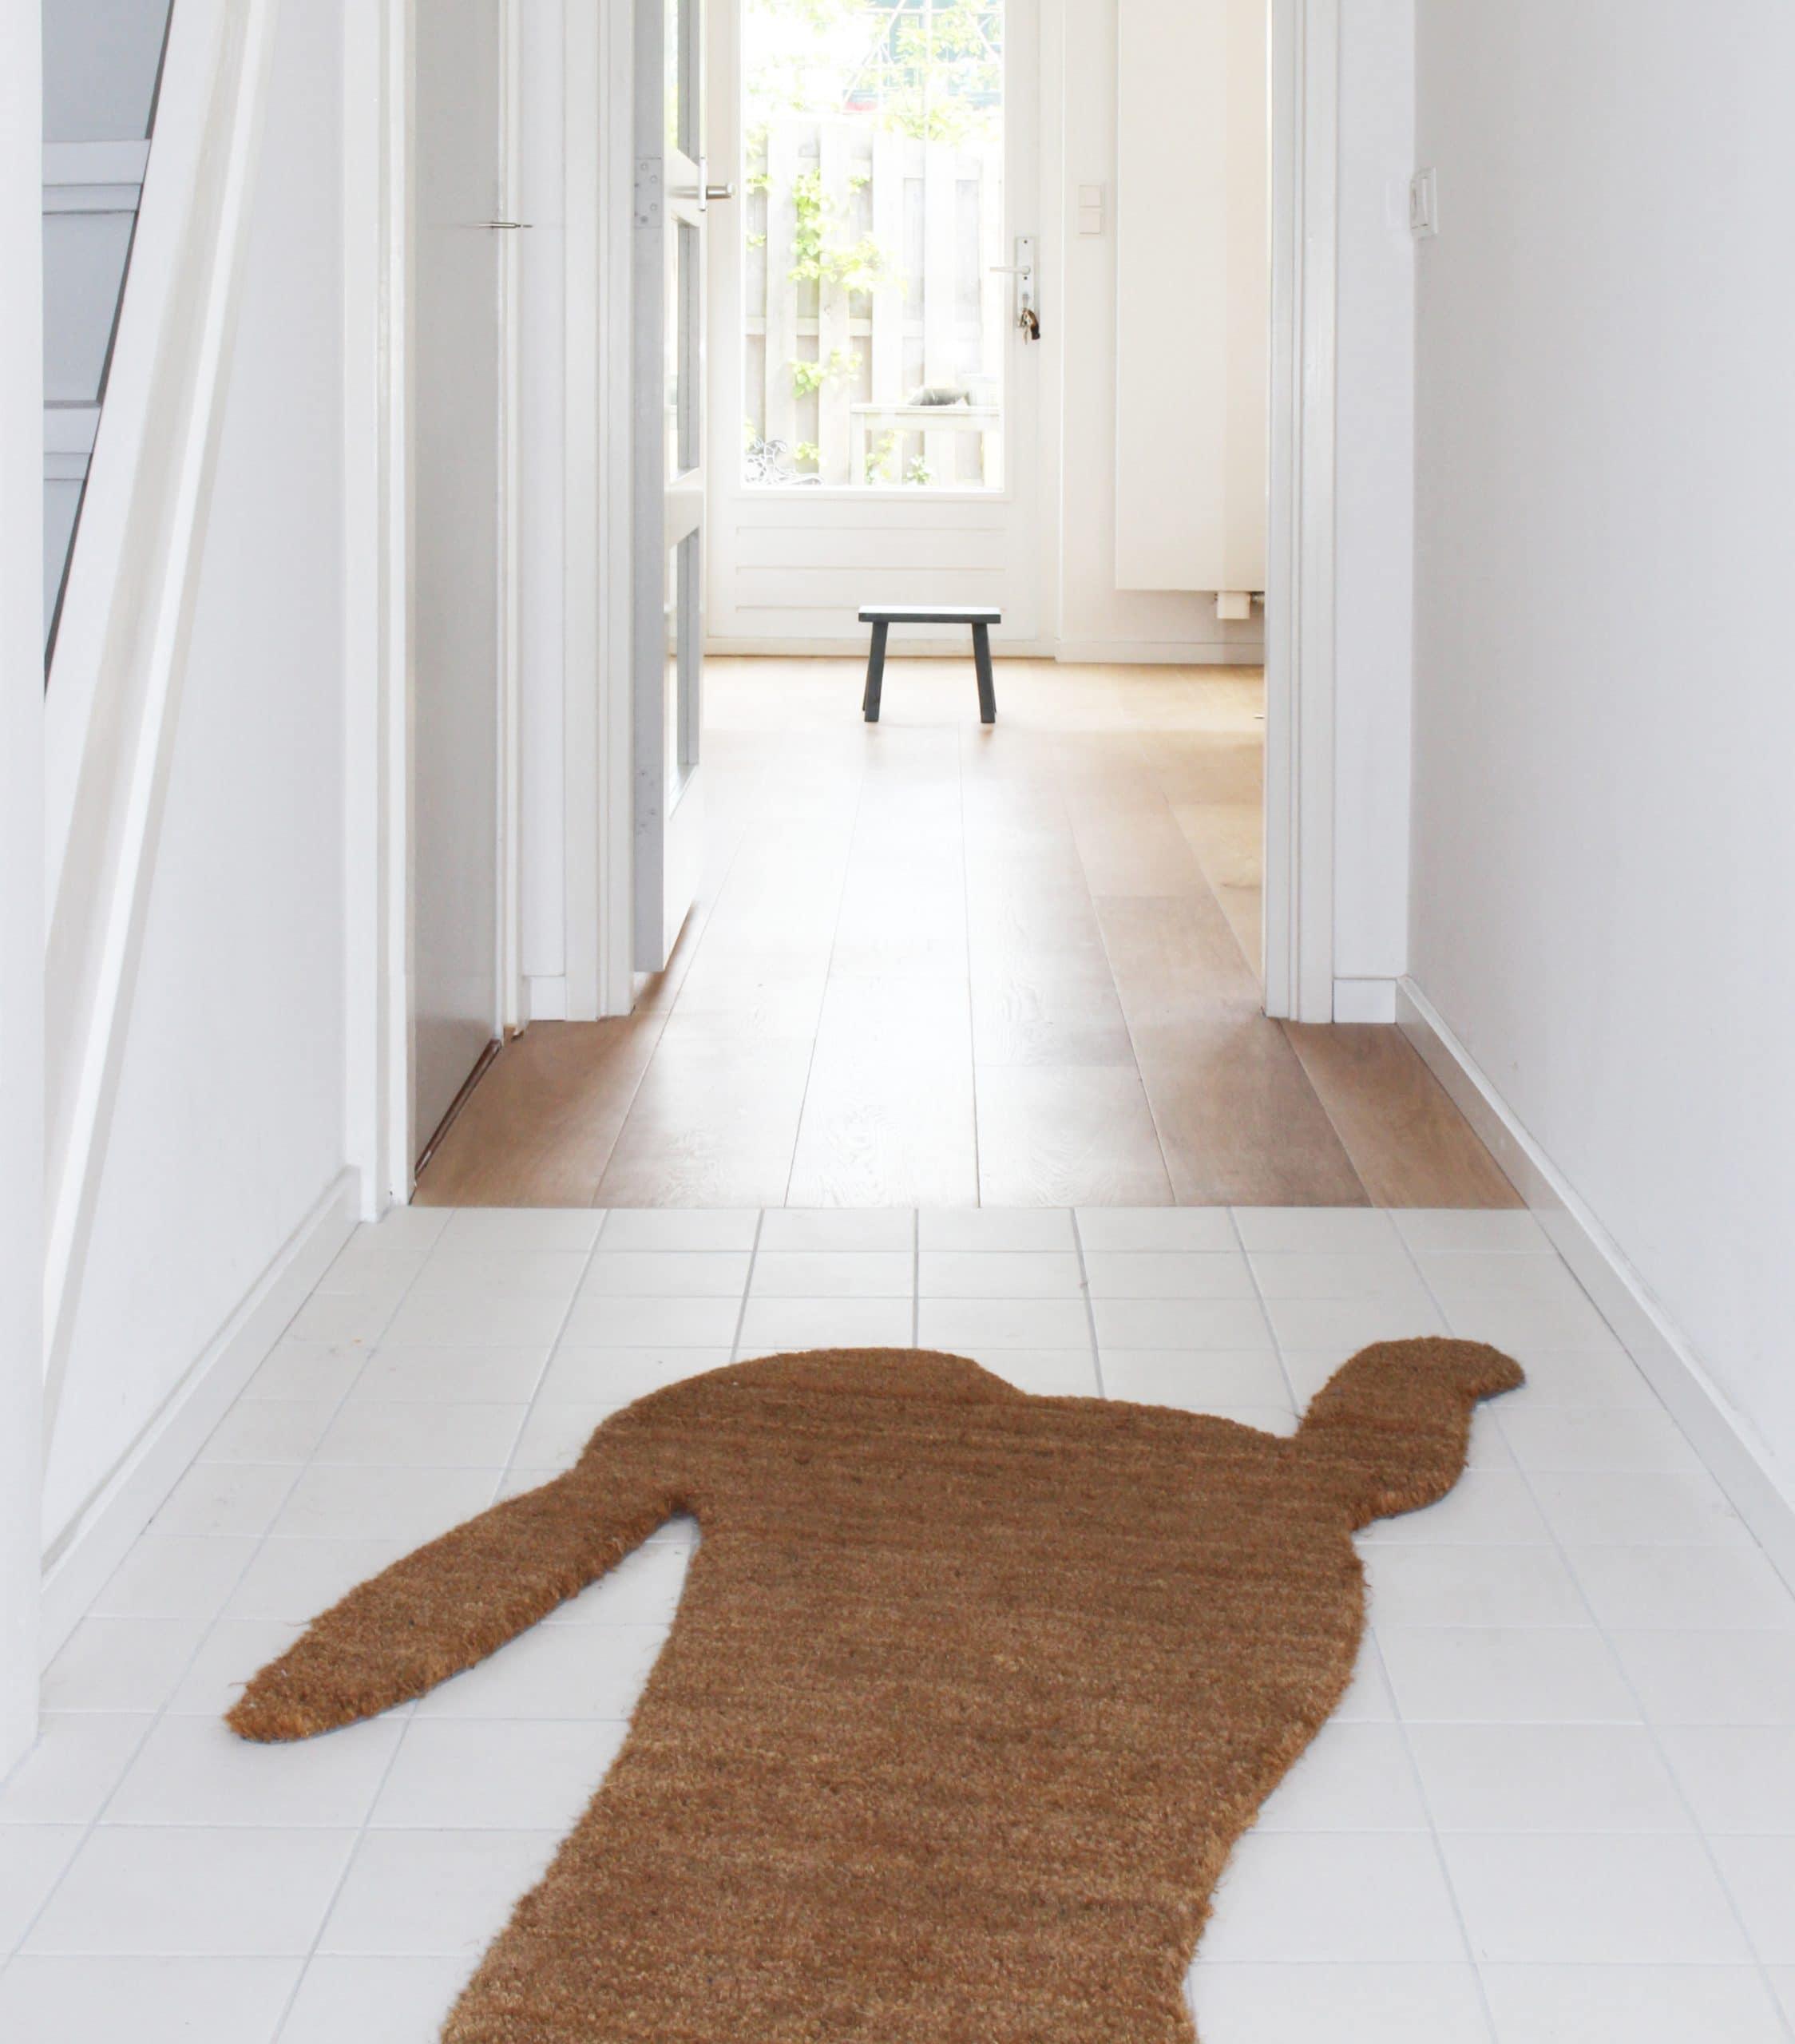 Hal overgang tegels naar houten vloer